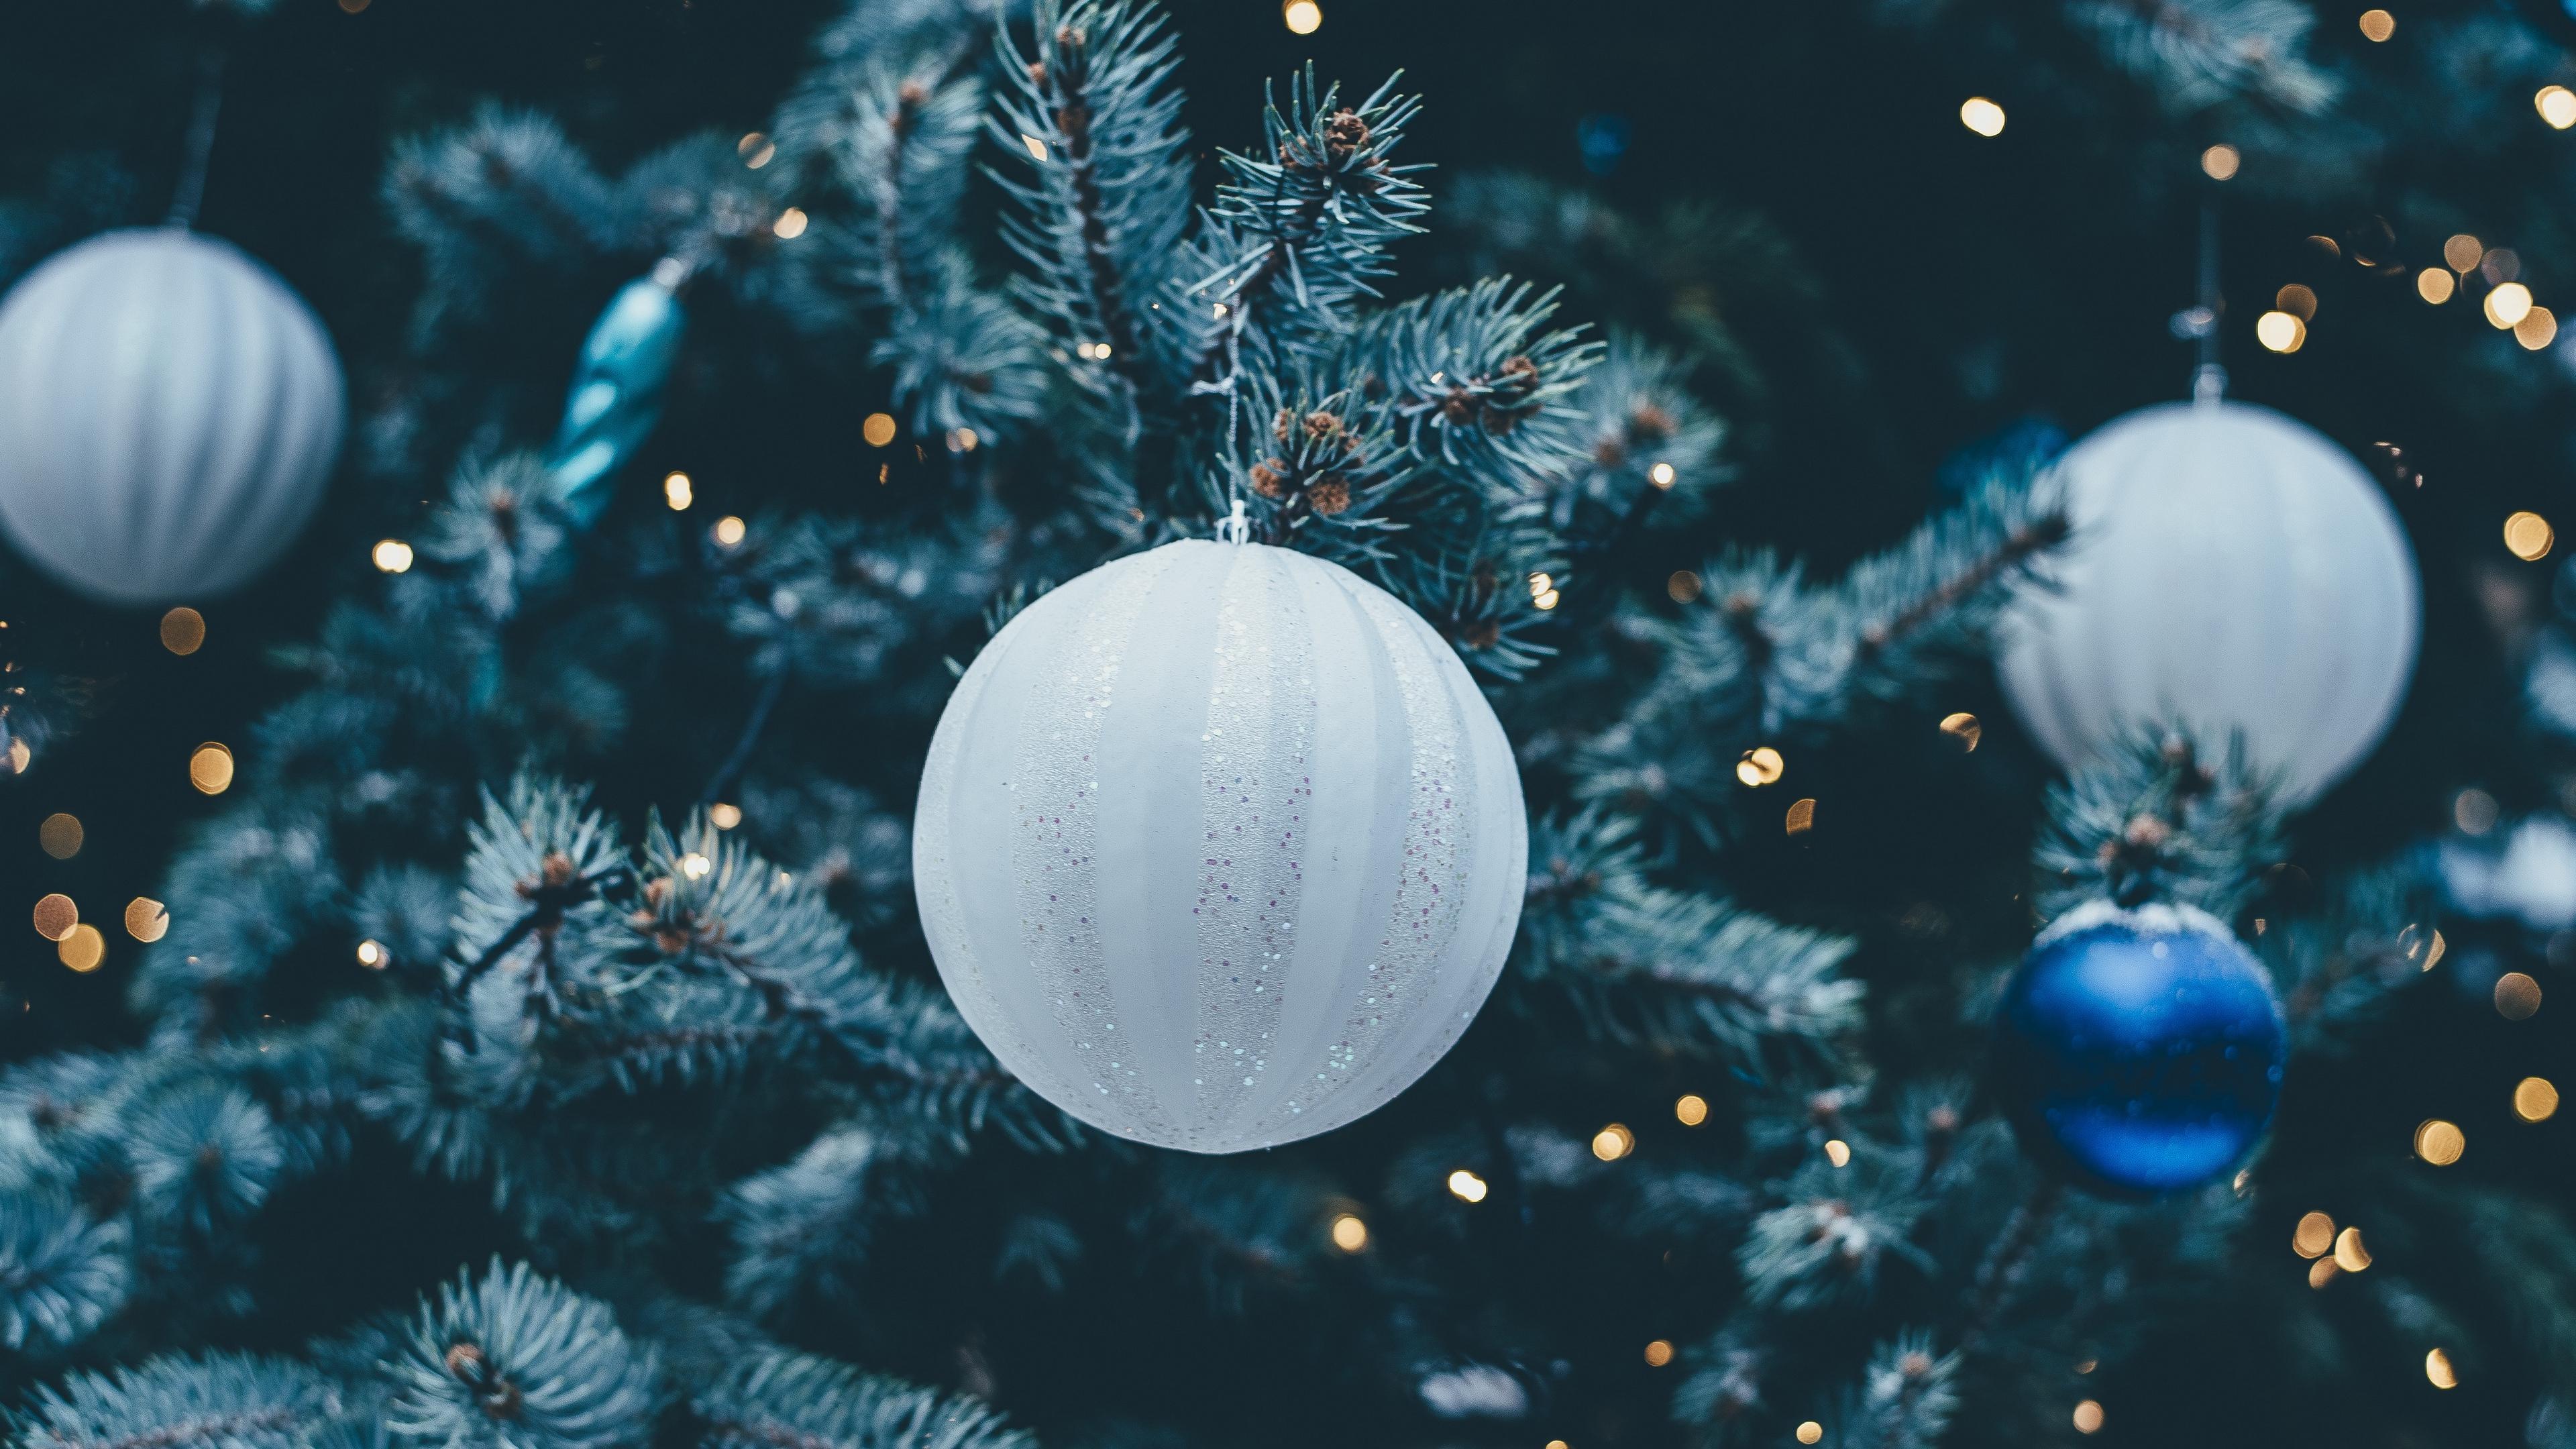 christmas ball christmas decorations jewelery 4k 1538344805 - christmas ball, christmas decorations, jewelery 4k - jewelery, christmas decorations, christmas ball